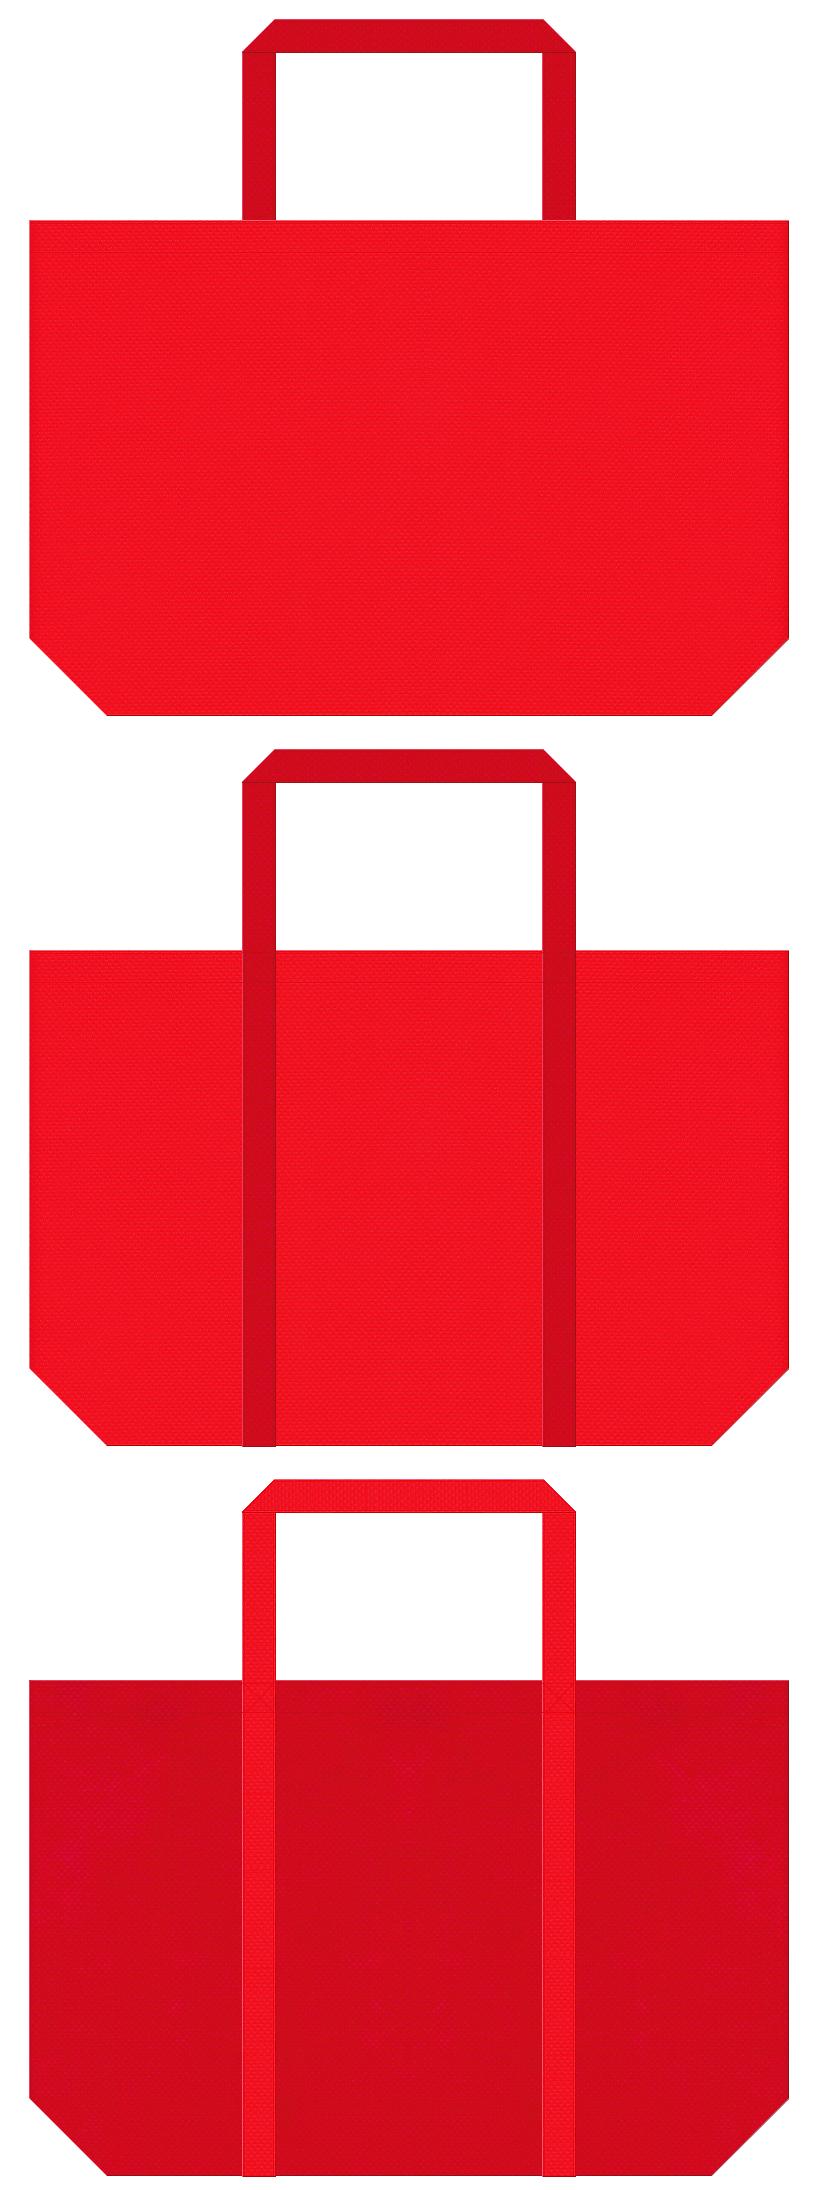 鎧兜・端午の節句・赤備え・お城イベント・紅葉・観光・暖炉・ストーブ・クリスマスセール・お正月・福袋にお奨めの不織布ショッピングバッグのデザイン:赤色と紅色のコーデ